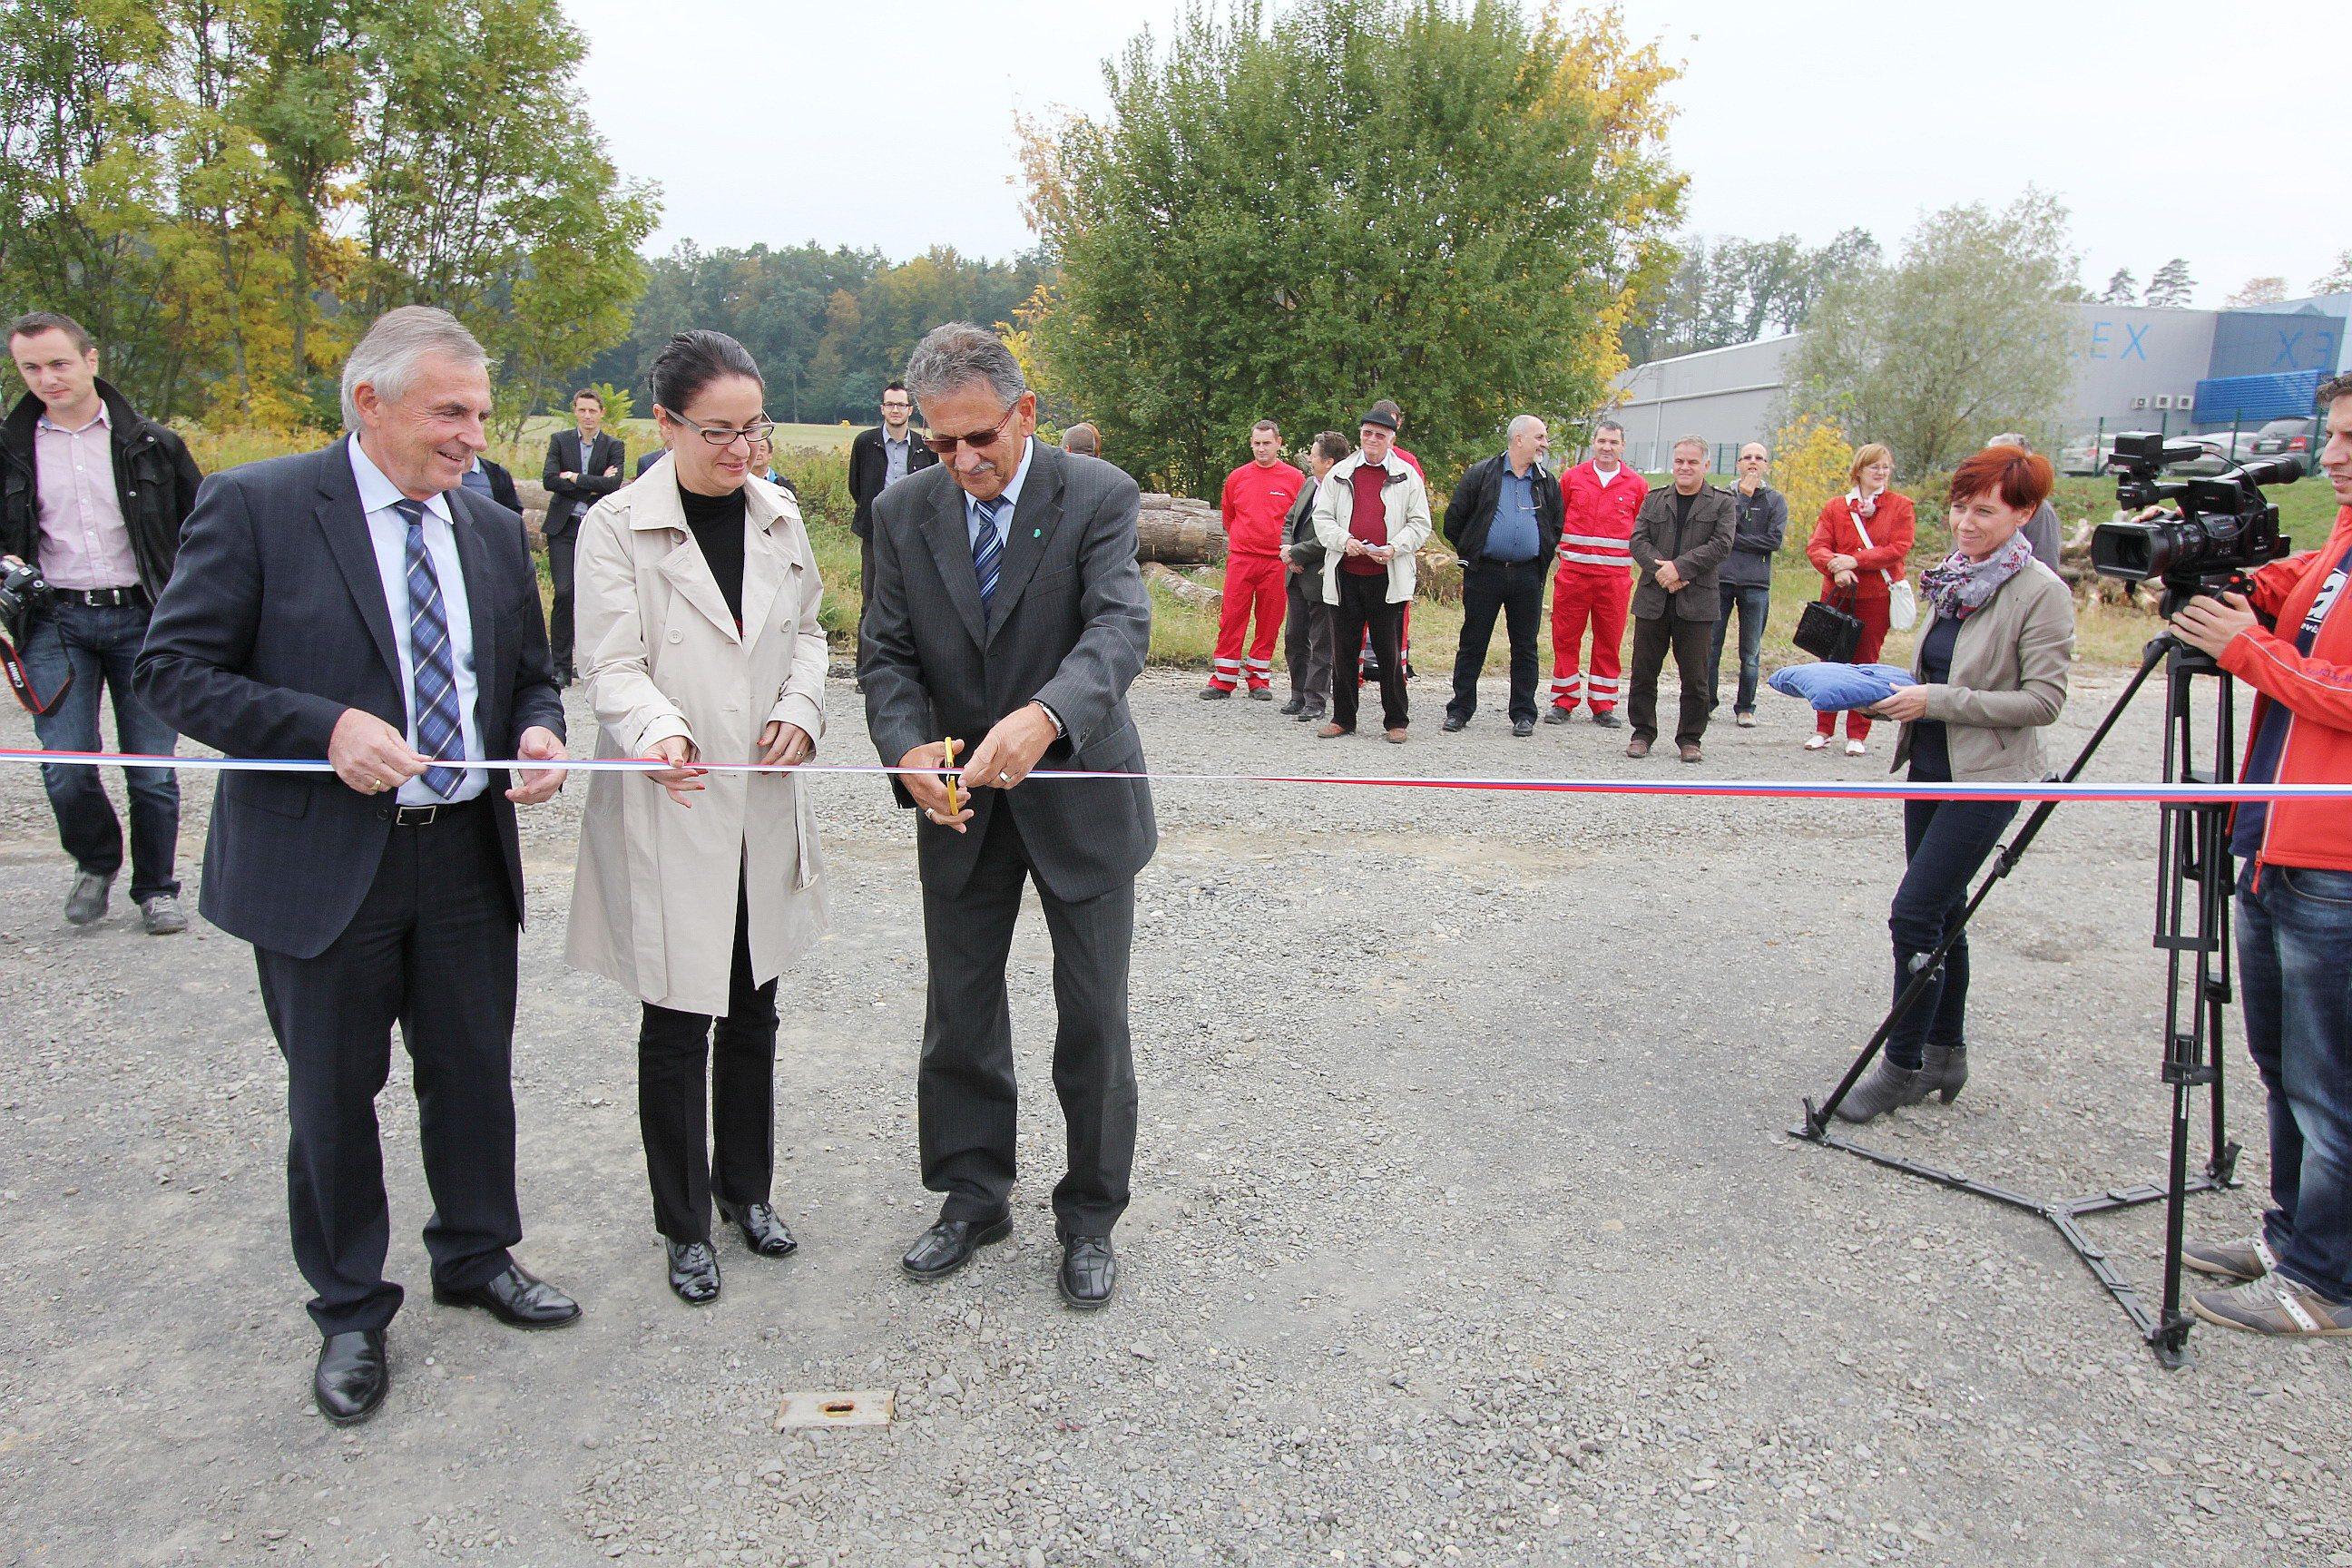 Otvoritev zbirnega centra v Gornji Radgoni so opravili direktorja družbe Saubermacher Slovenija Rudolf Horvat in Mojca Letnik ter radgonski župan Anton Kampuš.